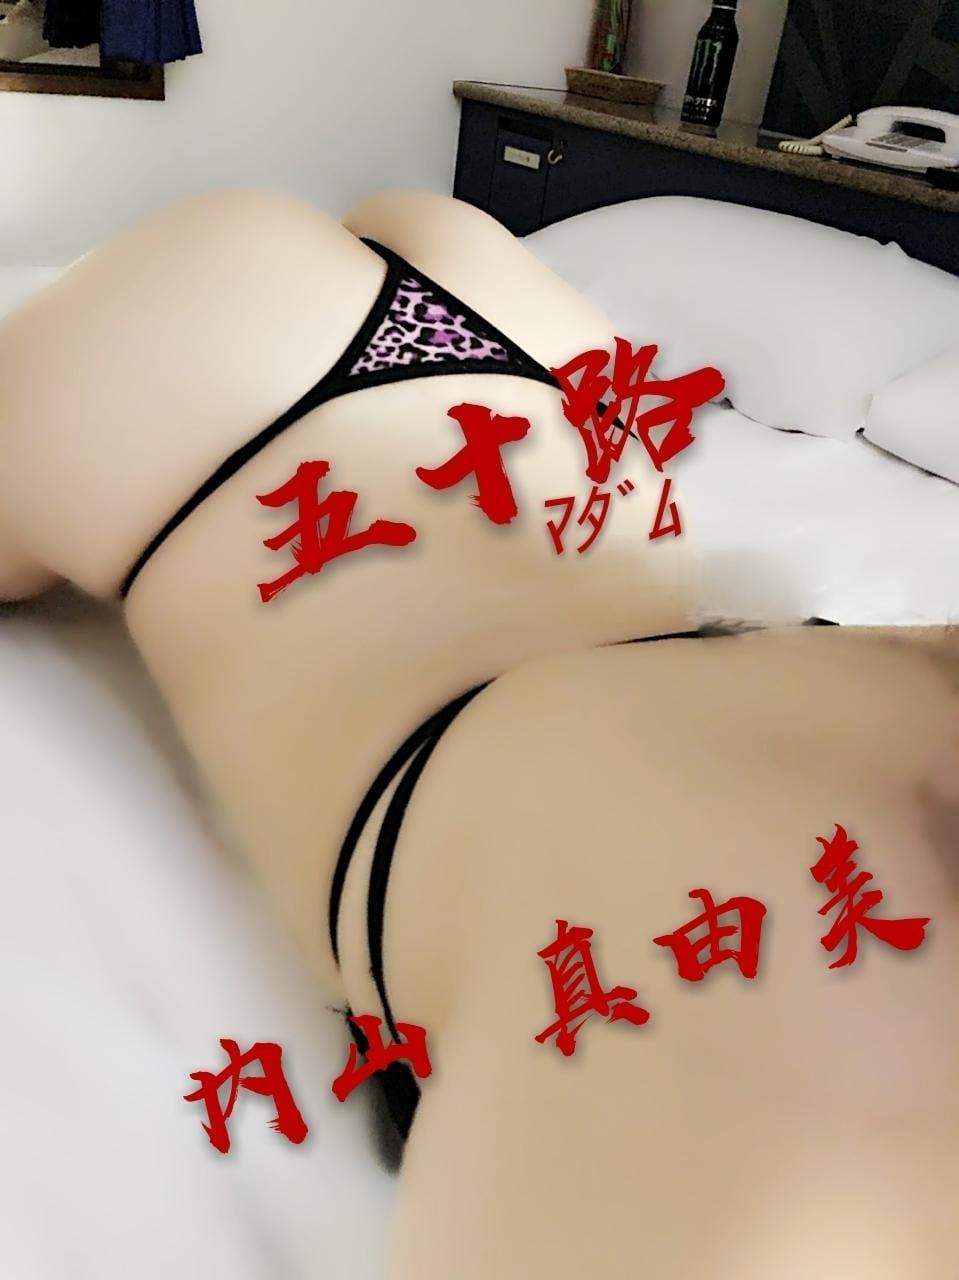 内山真由美「☆S様♪ぉ礼テ゛ス(#^.^#)♪☆」08/14(火) 01:14 | 内山真由美の写メ・風俗動画